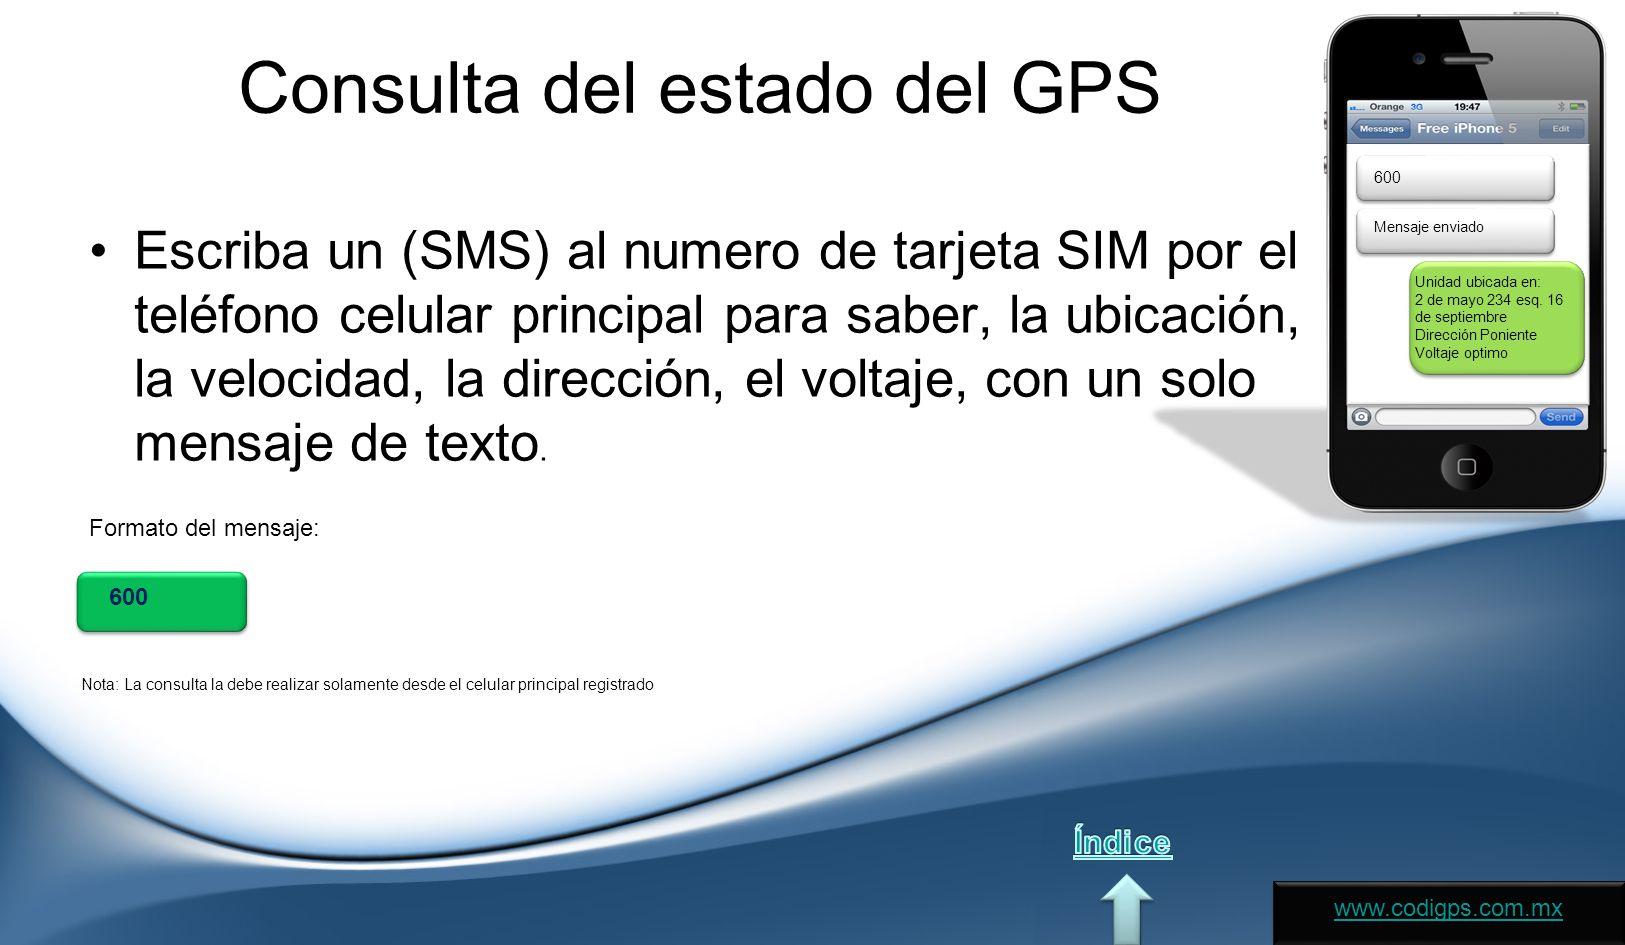 Consulta del estado del GPS